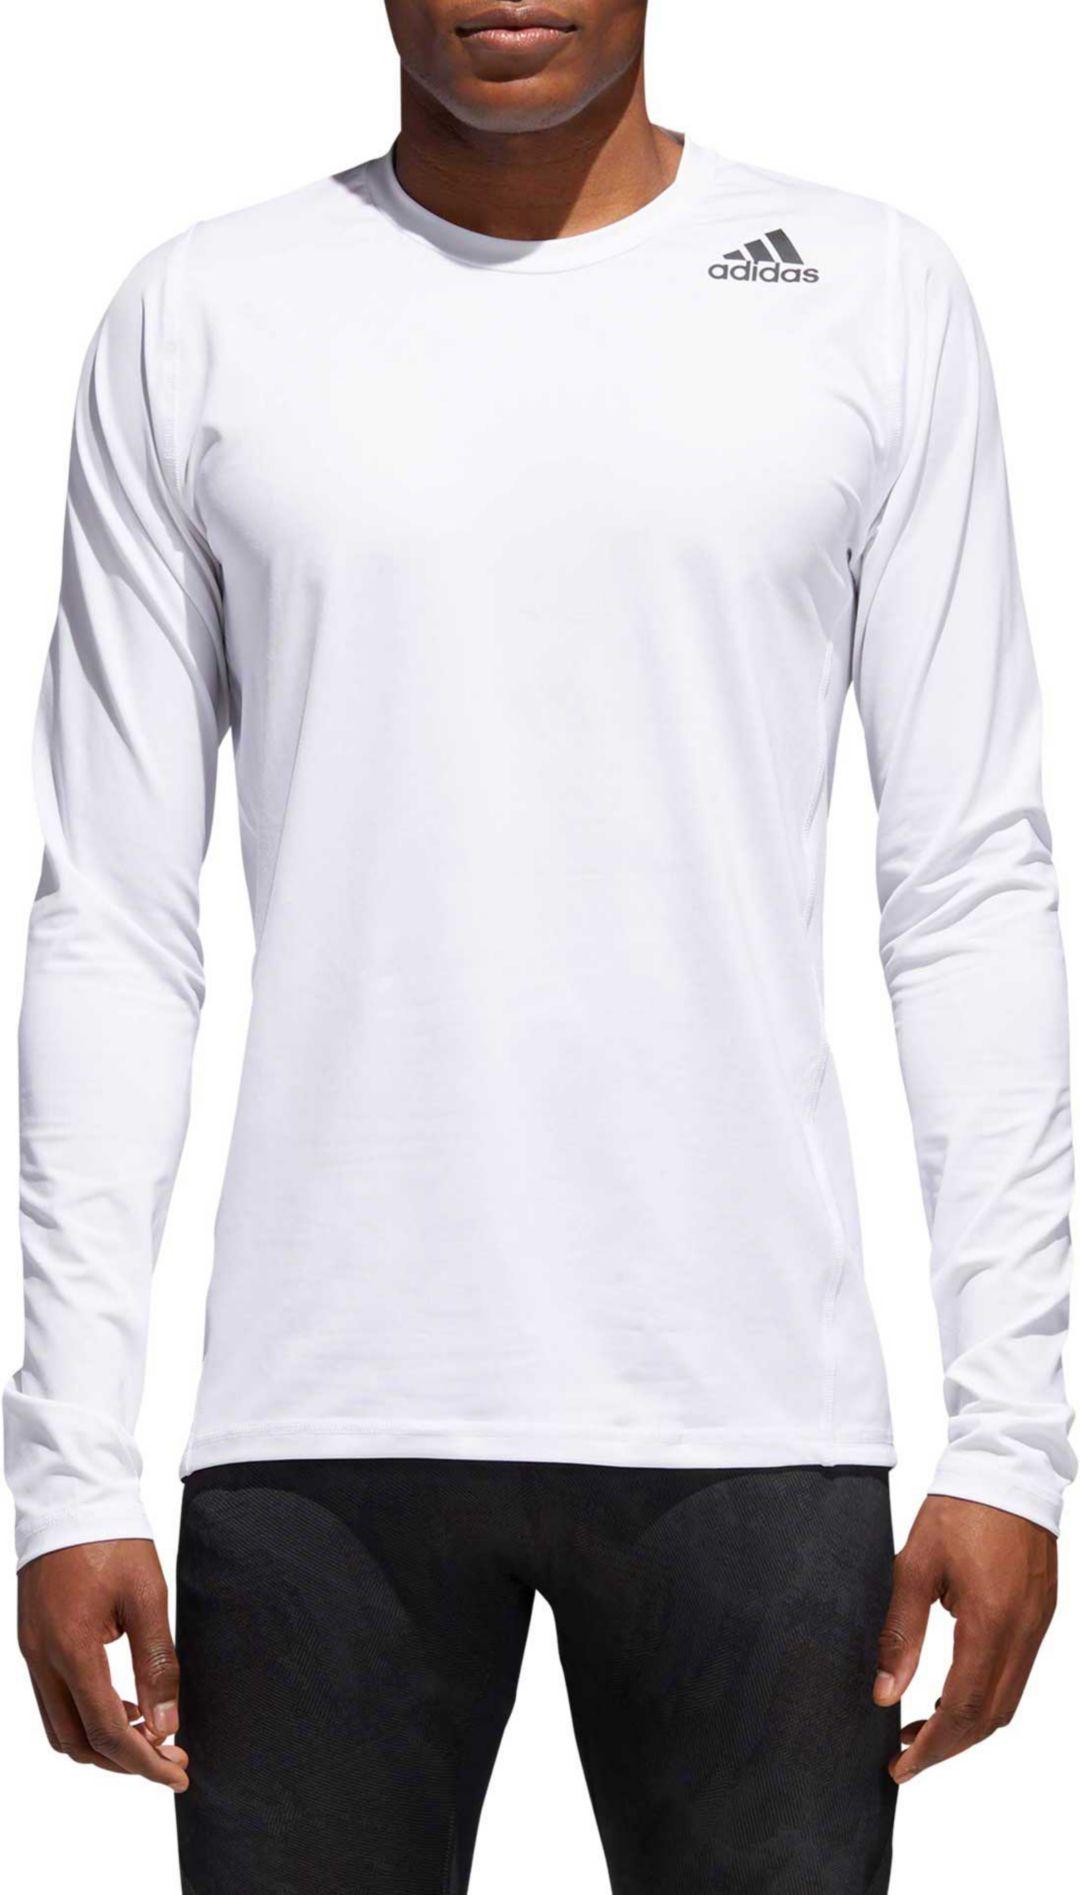 c36d0034634d4 adidas Men's Alphaskin Sport Fitted Long Sleeve Training T-Shirt